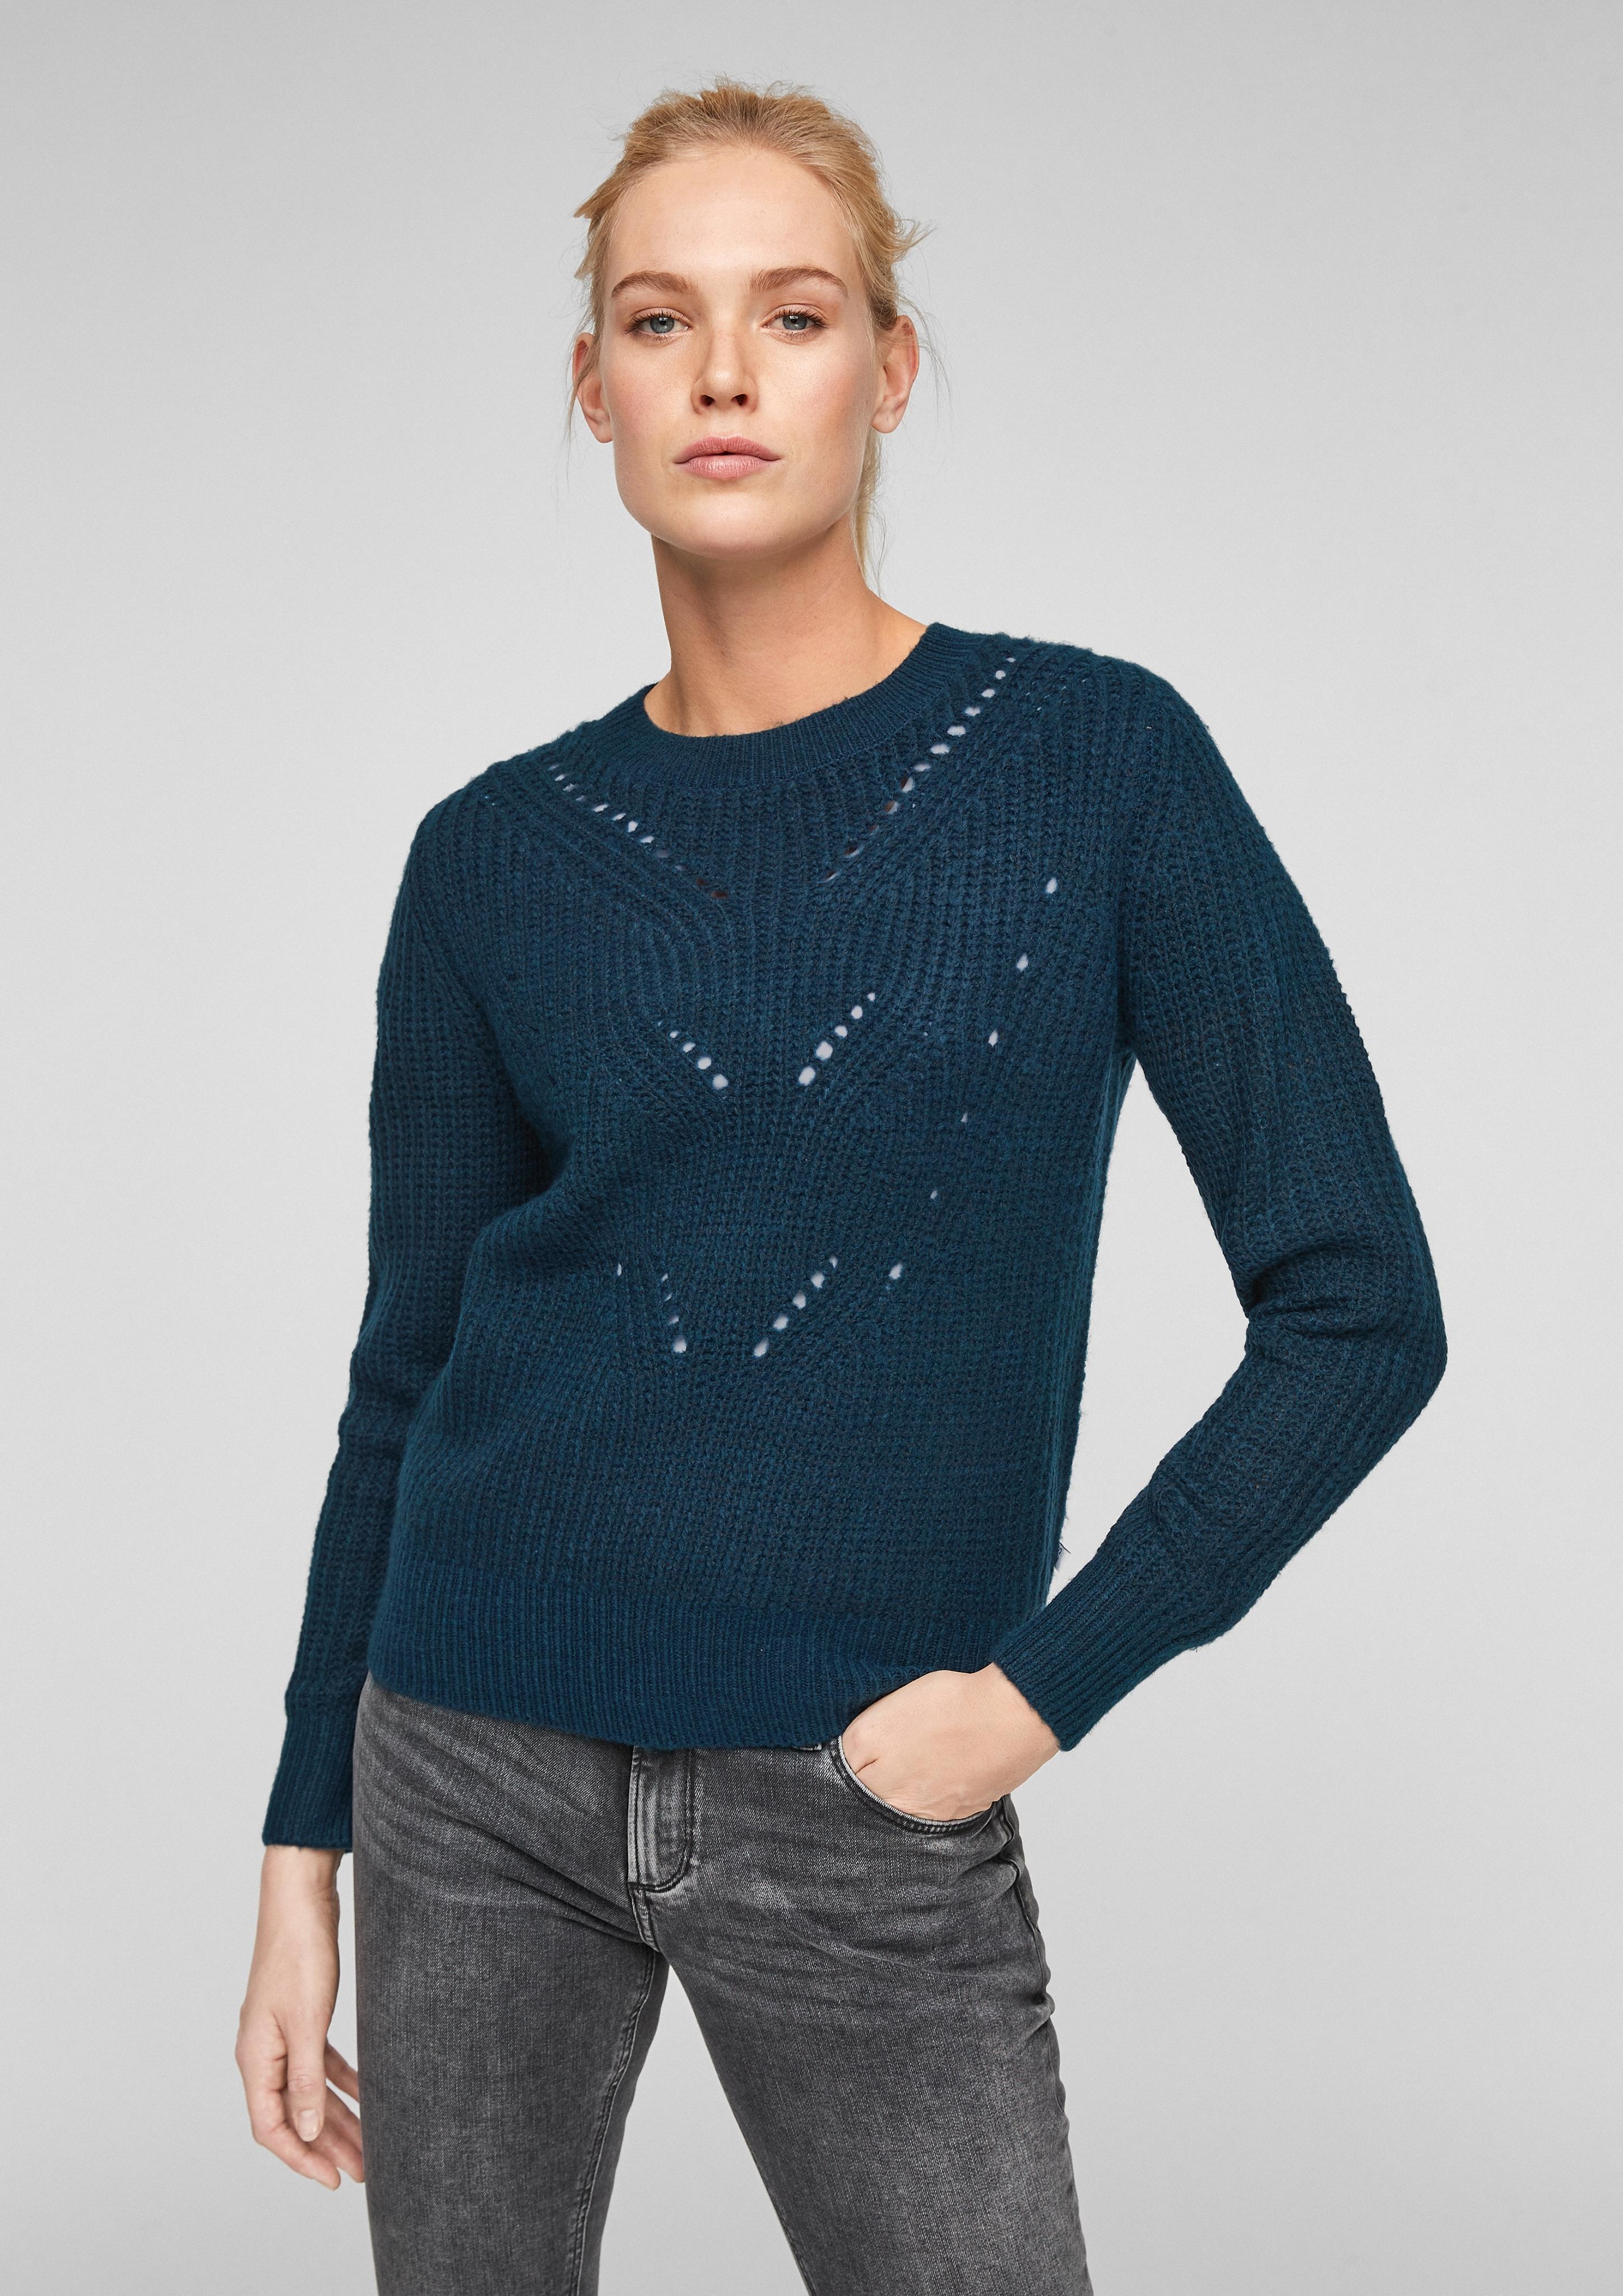 Indexbild 13 - Q-S-designed-by-Women-Softer-Strickpulli-mit-Ajourmuster-Neu